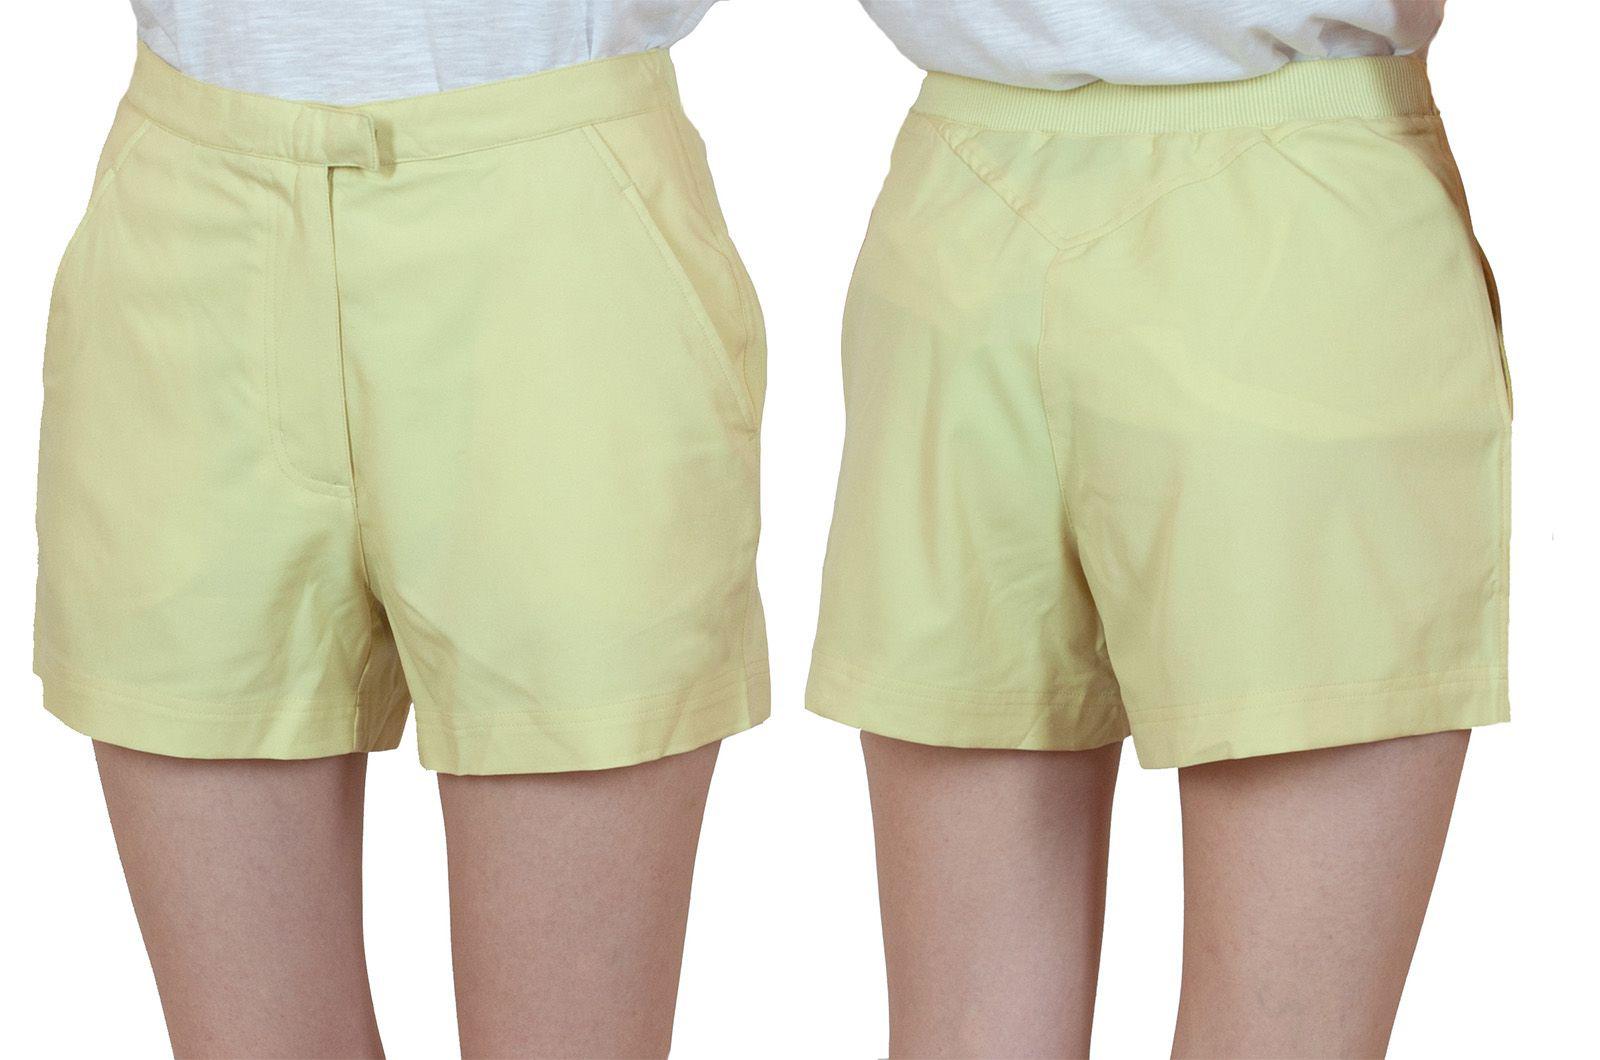 Заказать шортики для женщин лимонного цвета